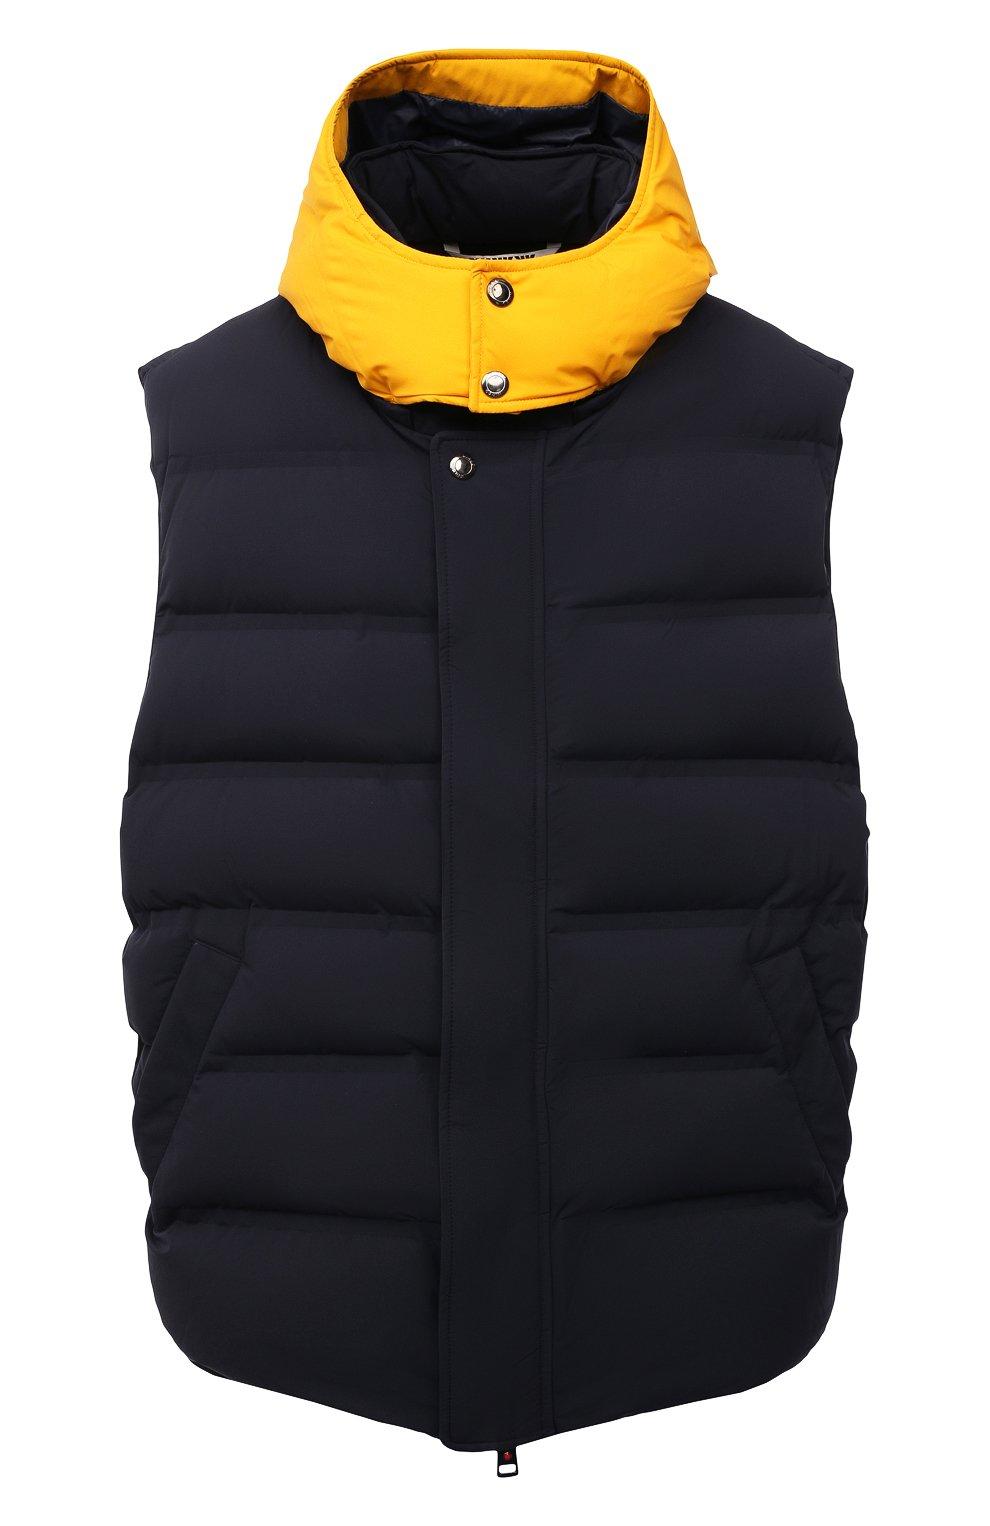 Мужской пуховый жилет KIRED темно-синего цвета, арт. WBREMAW6806523002/62-74 | Фото 1 (Кросс-КТ: Куртка, Пуховик; Big sizes: Big Sizes; Материал внешний: Синтетический материал; Материал подклада: Синтетический материал; Длина (верхняя одежда): Короткие; Материал утеплителя: Пух и перо; Стили: Кэжуэл)